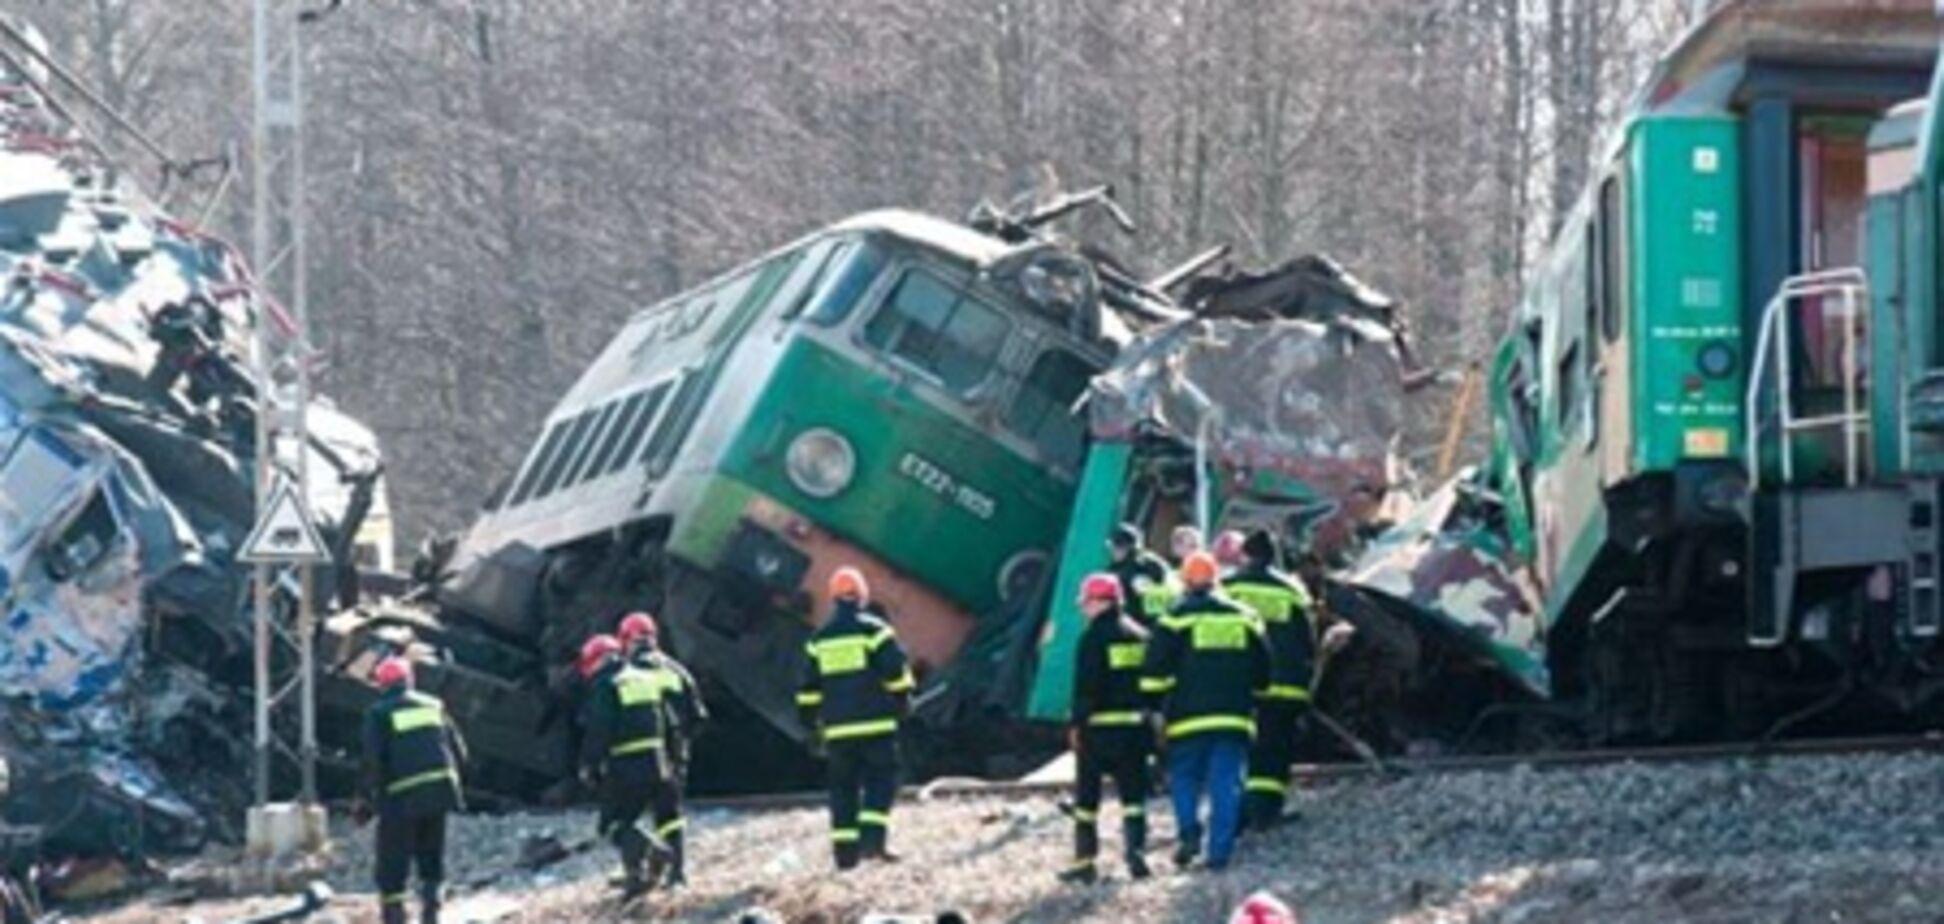 Трагедия в Польше: люди летали по вагону, как кегли